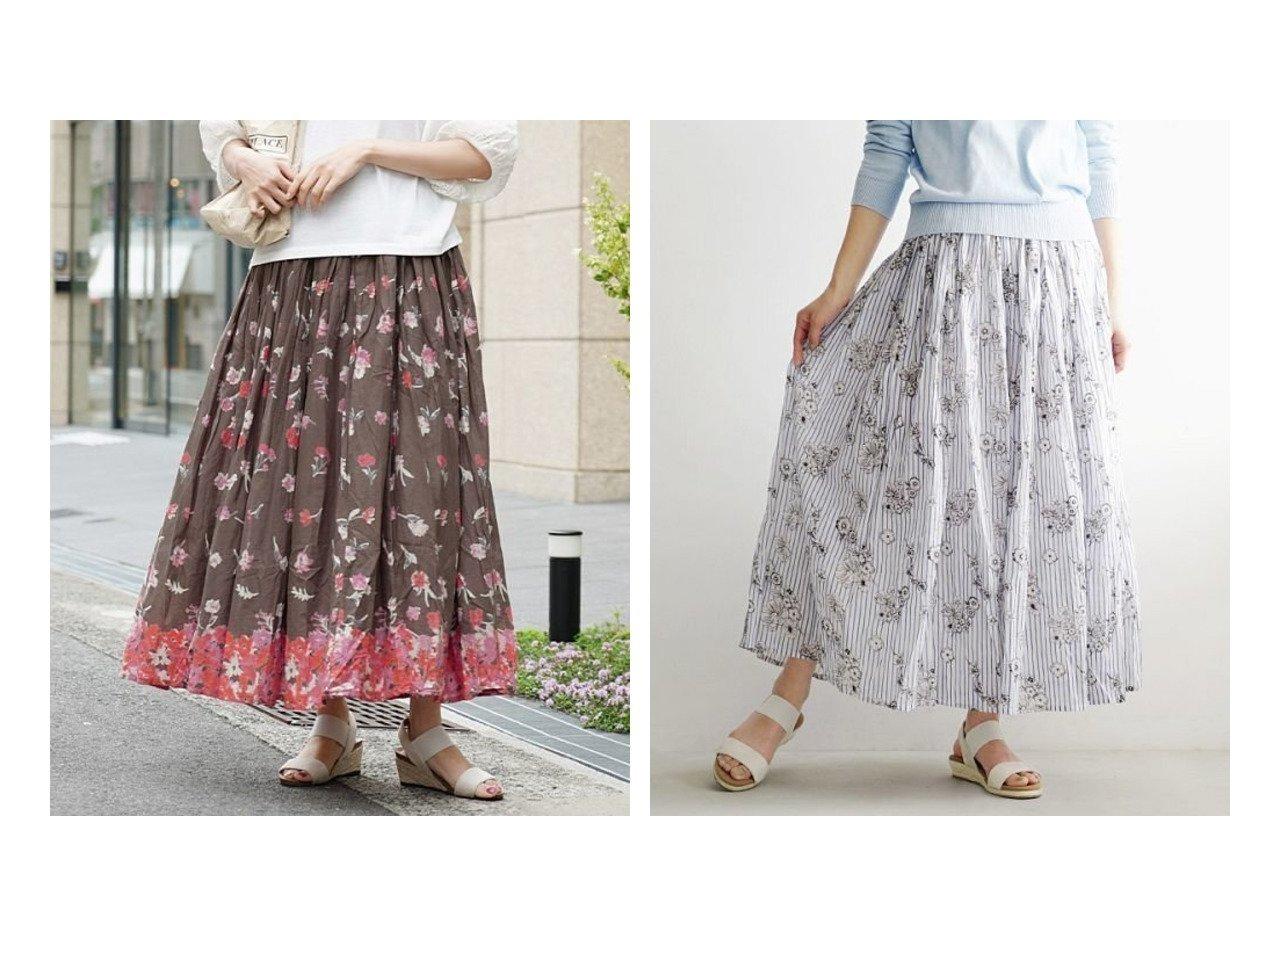 【zootie/ズーティー】のインドコットン マキシスカート おすすめ!人気、トレンド・レディースファッションの通販 おすすめで人気の流行・トレンド、ファッションの通販商品 インテリア・家具・メンズファッション・キッズファッション・レディースファッション・服の通販 founy(ファニー) https://founy.com/ ファッション Fashion レディースファッション WOMEN スカート Skirt Aライン/フレアスカート Flared A-Line Skirts S/S・春夏 SS・Spring/Summer インド ギャザー シンプル フレア プリント マキシ 夏 Summer 春 Spring 楽ちん |ID:crp329100000061090